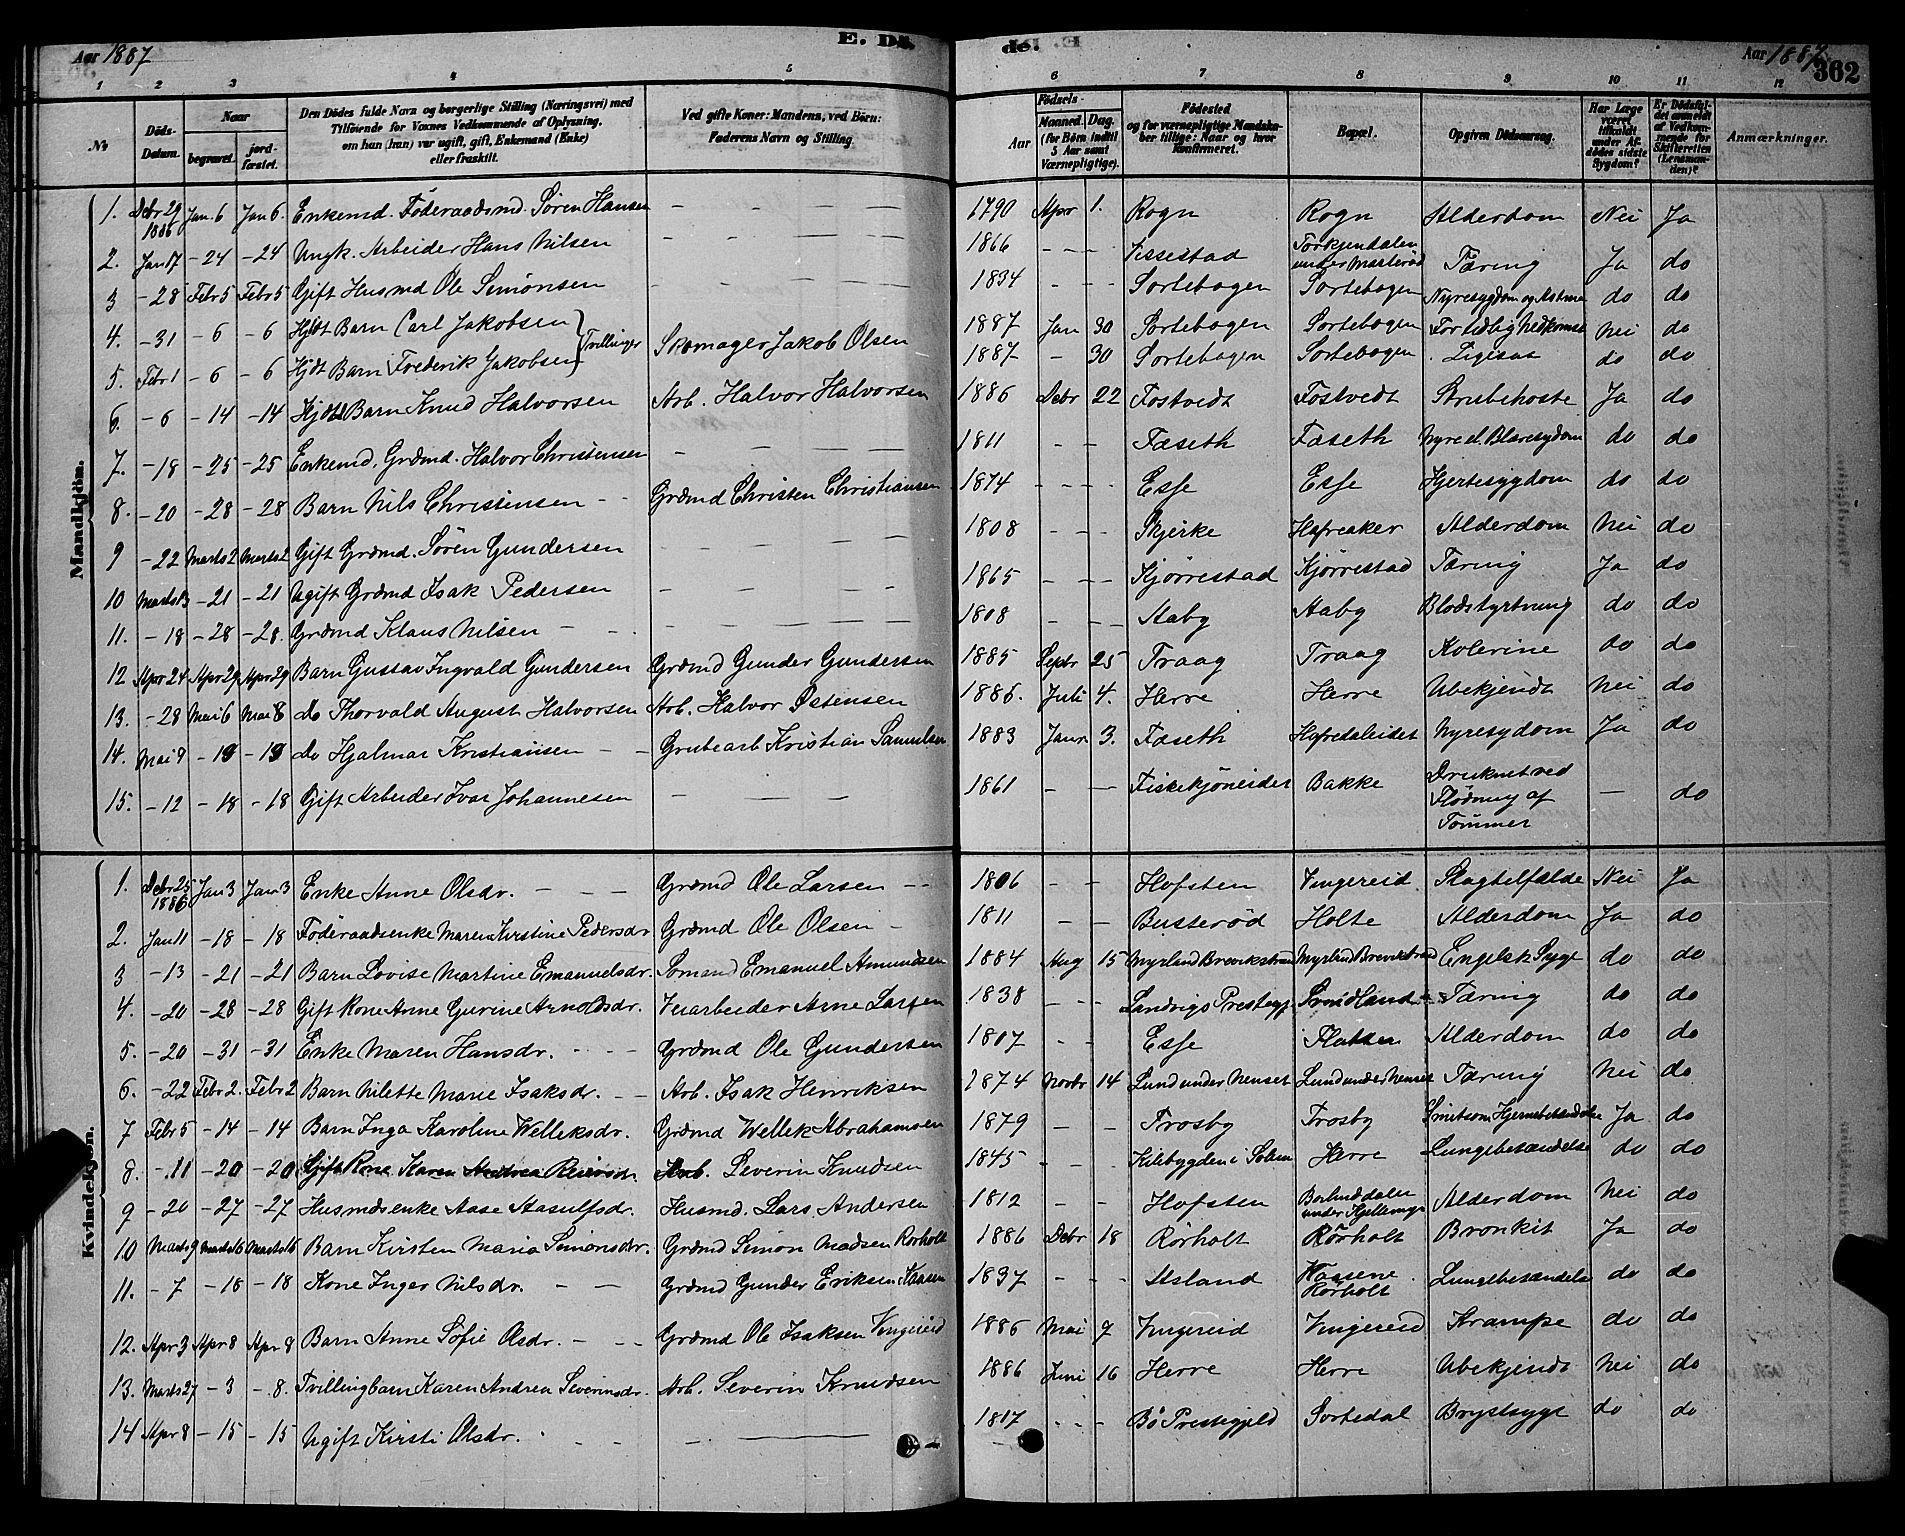 SAKO, Bamble kirkebøker, G/Ga/L0008: Klokkerbok nr. I 8, 1878-1888, s. 362